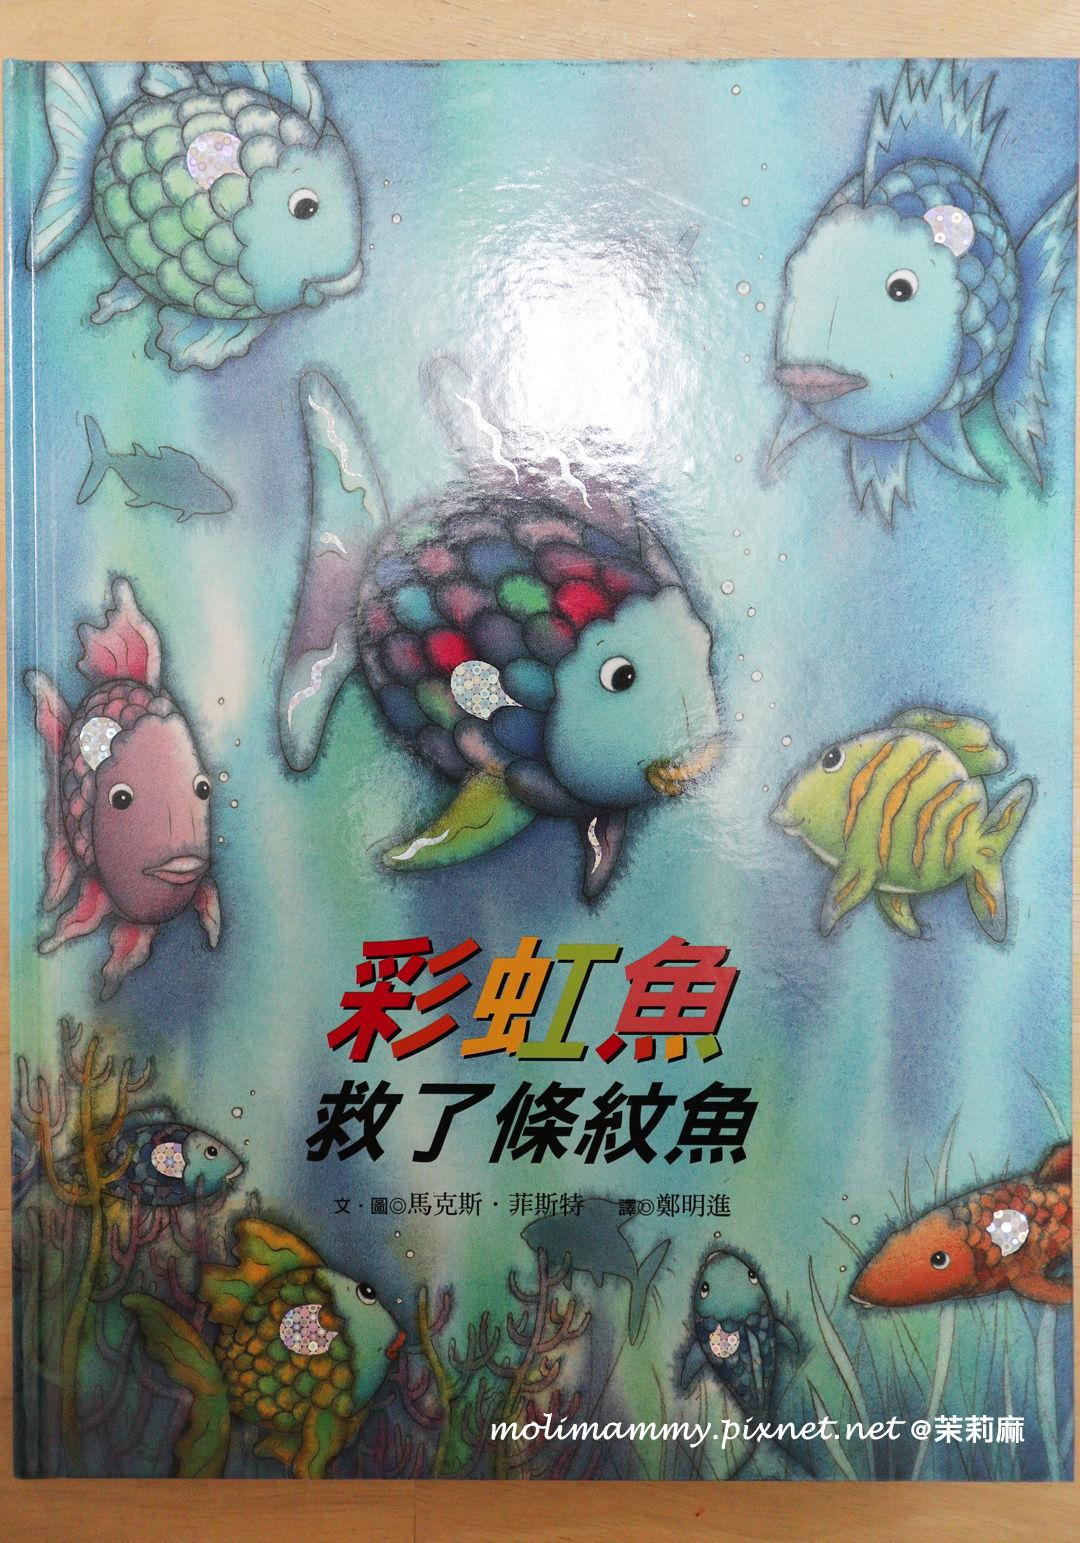 救了條紋魚1_3.jpg